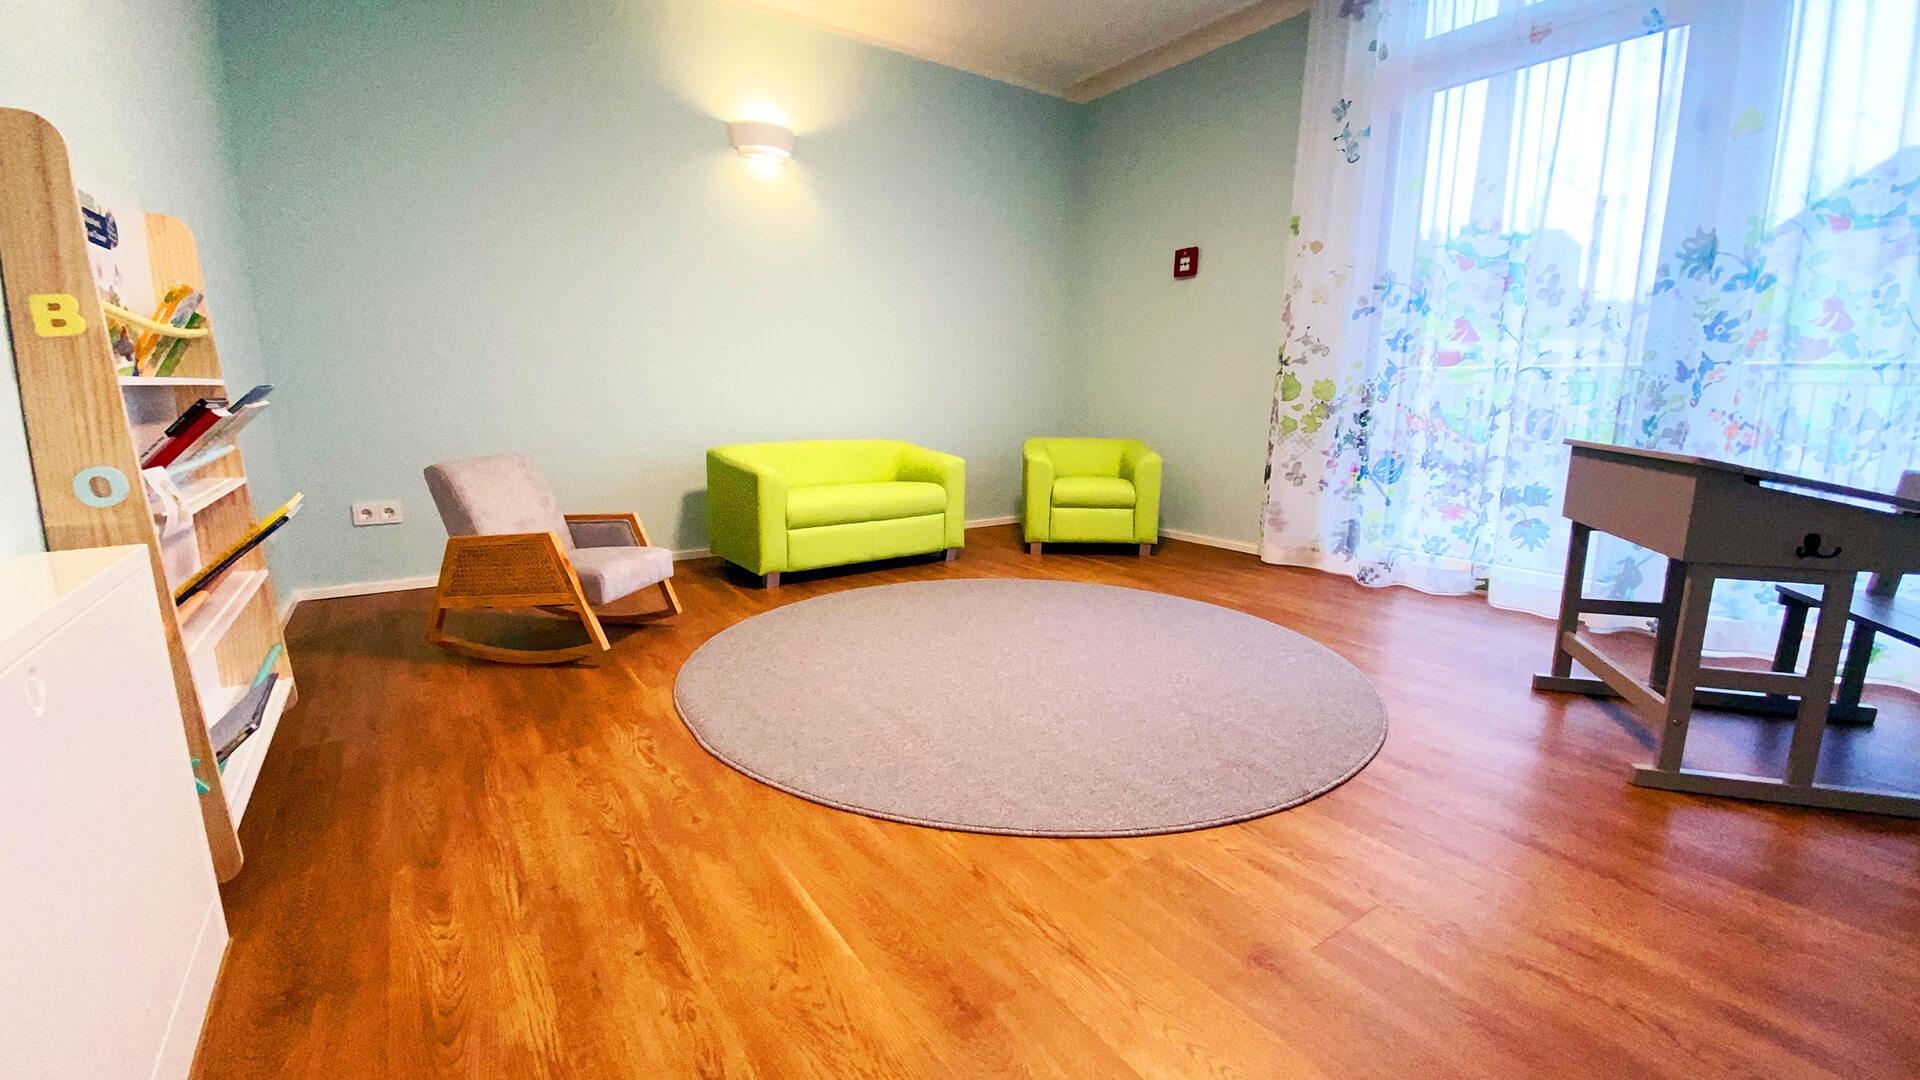 Lese-Ecke mit Bilderbüchern, Sesseln, Schaukelstuhl und großen Fenstern